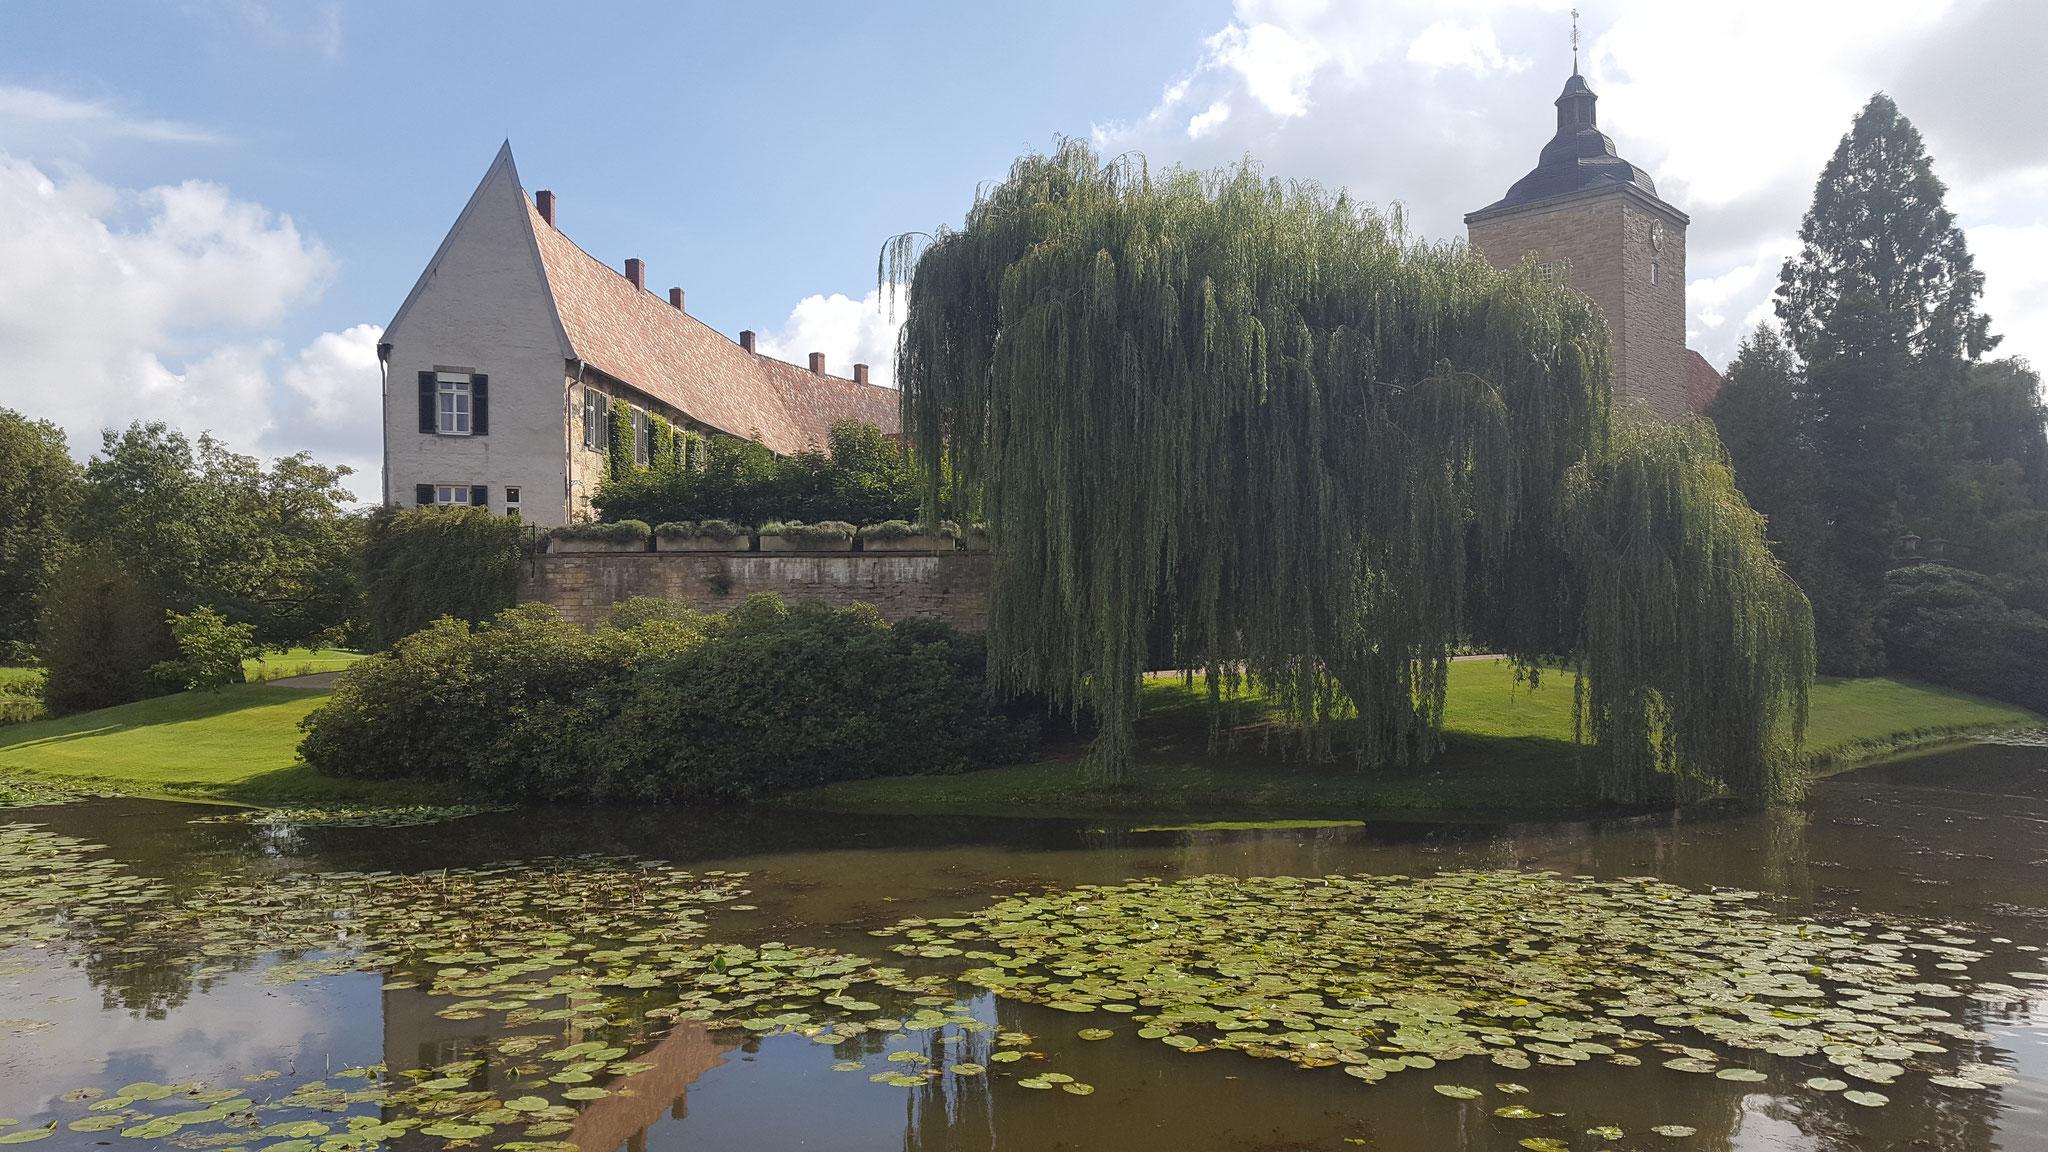 Wasserschloss Burgsteinfurt